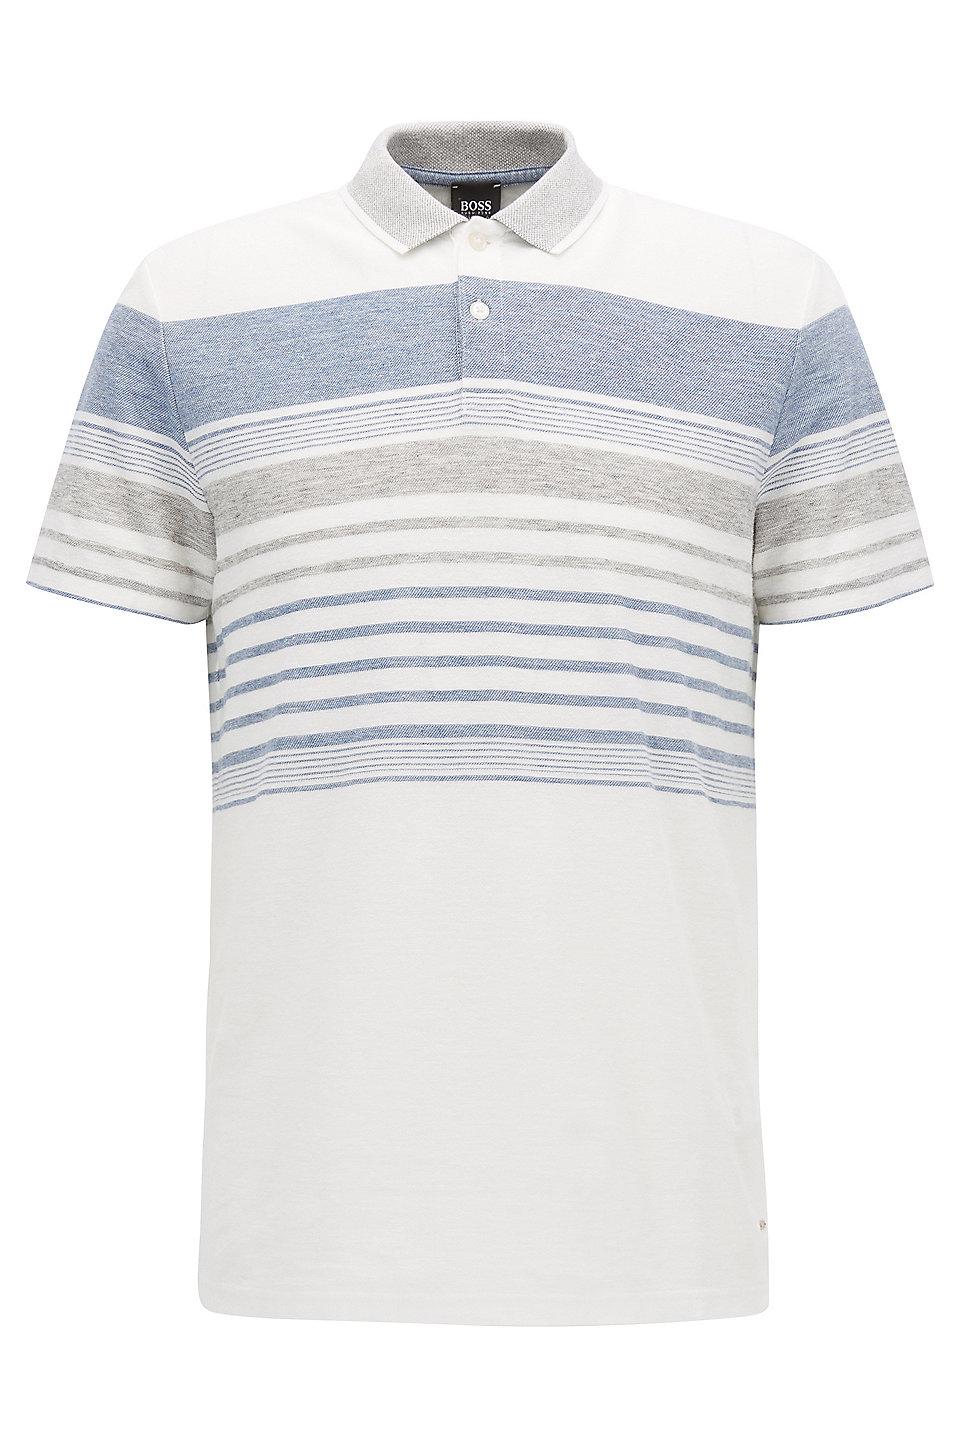 Boss Cotton Linen Polo Shirt Relaxed Fit Pilak